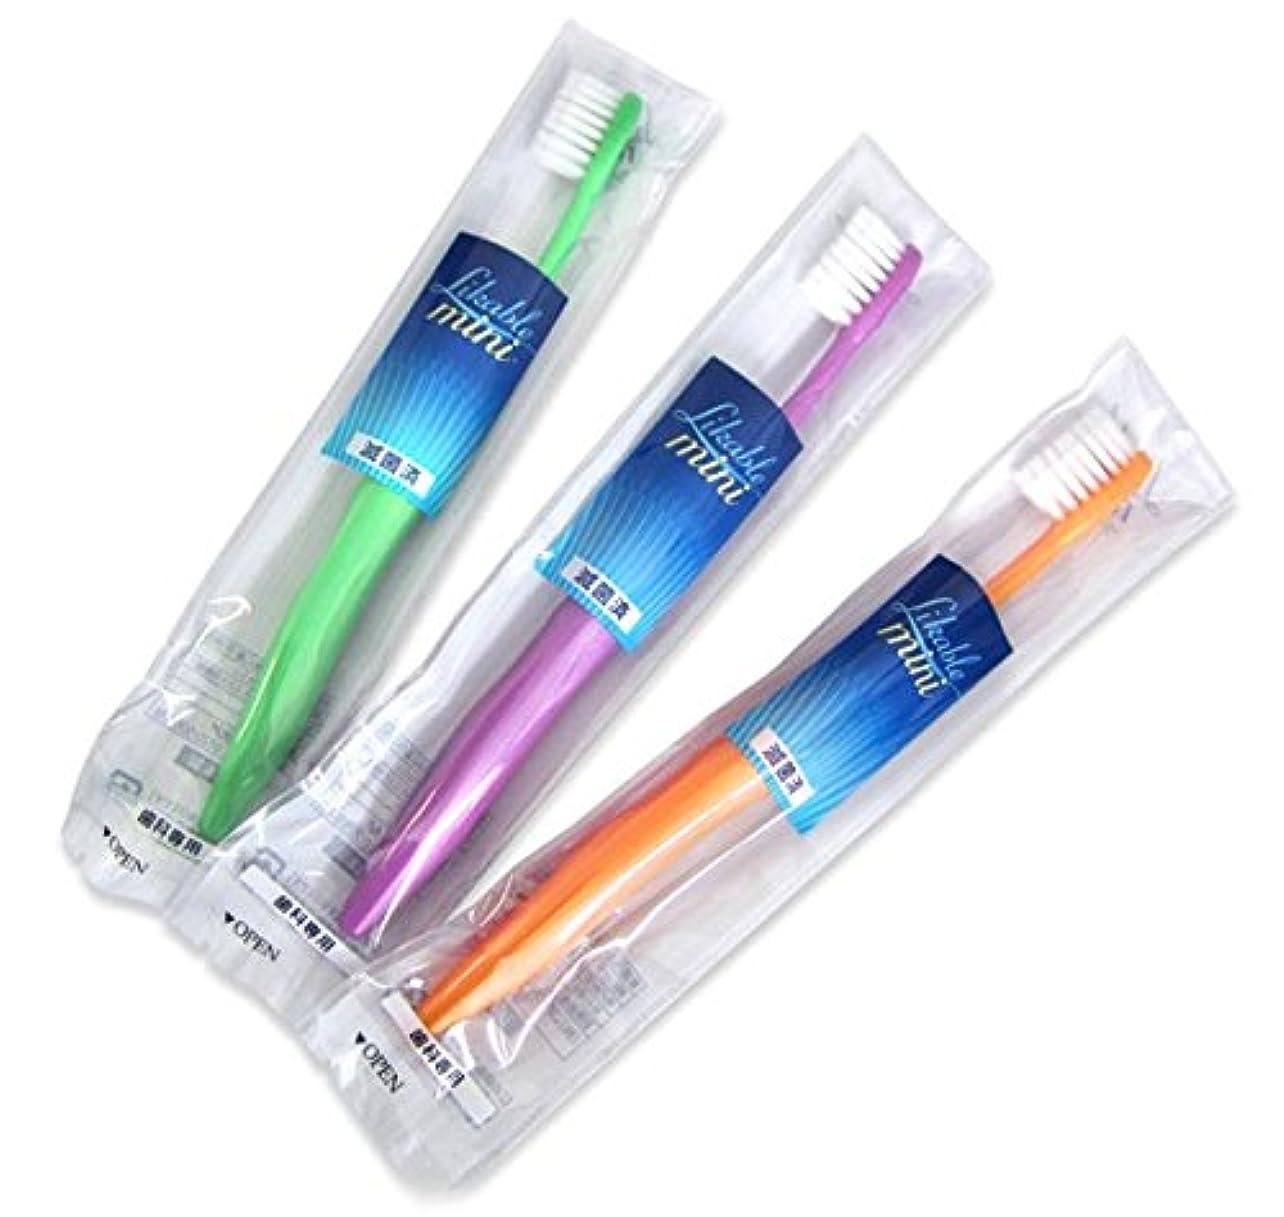 皮契約する手数料ライカブル ミニ歯ブラシ 12本入